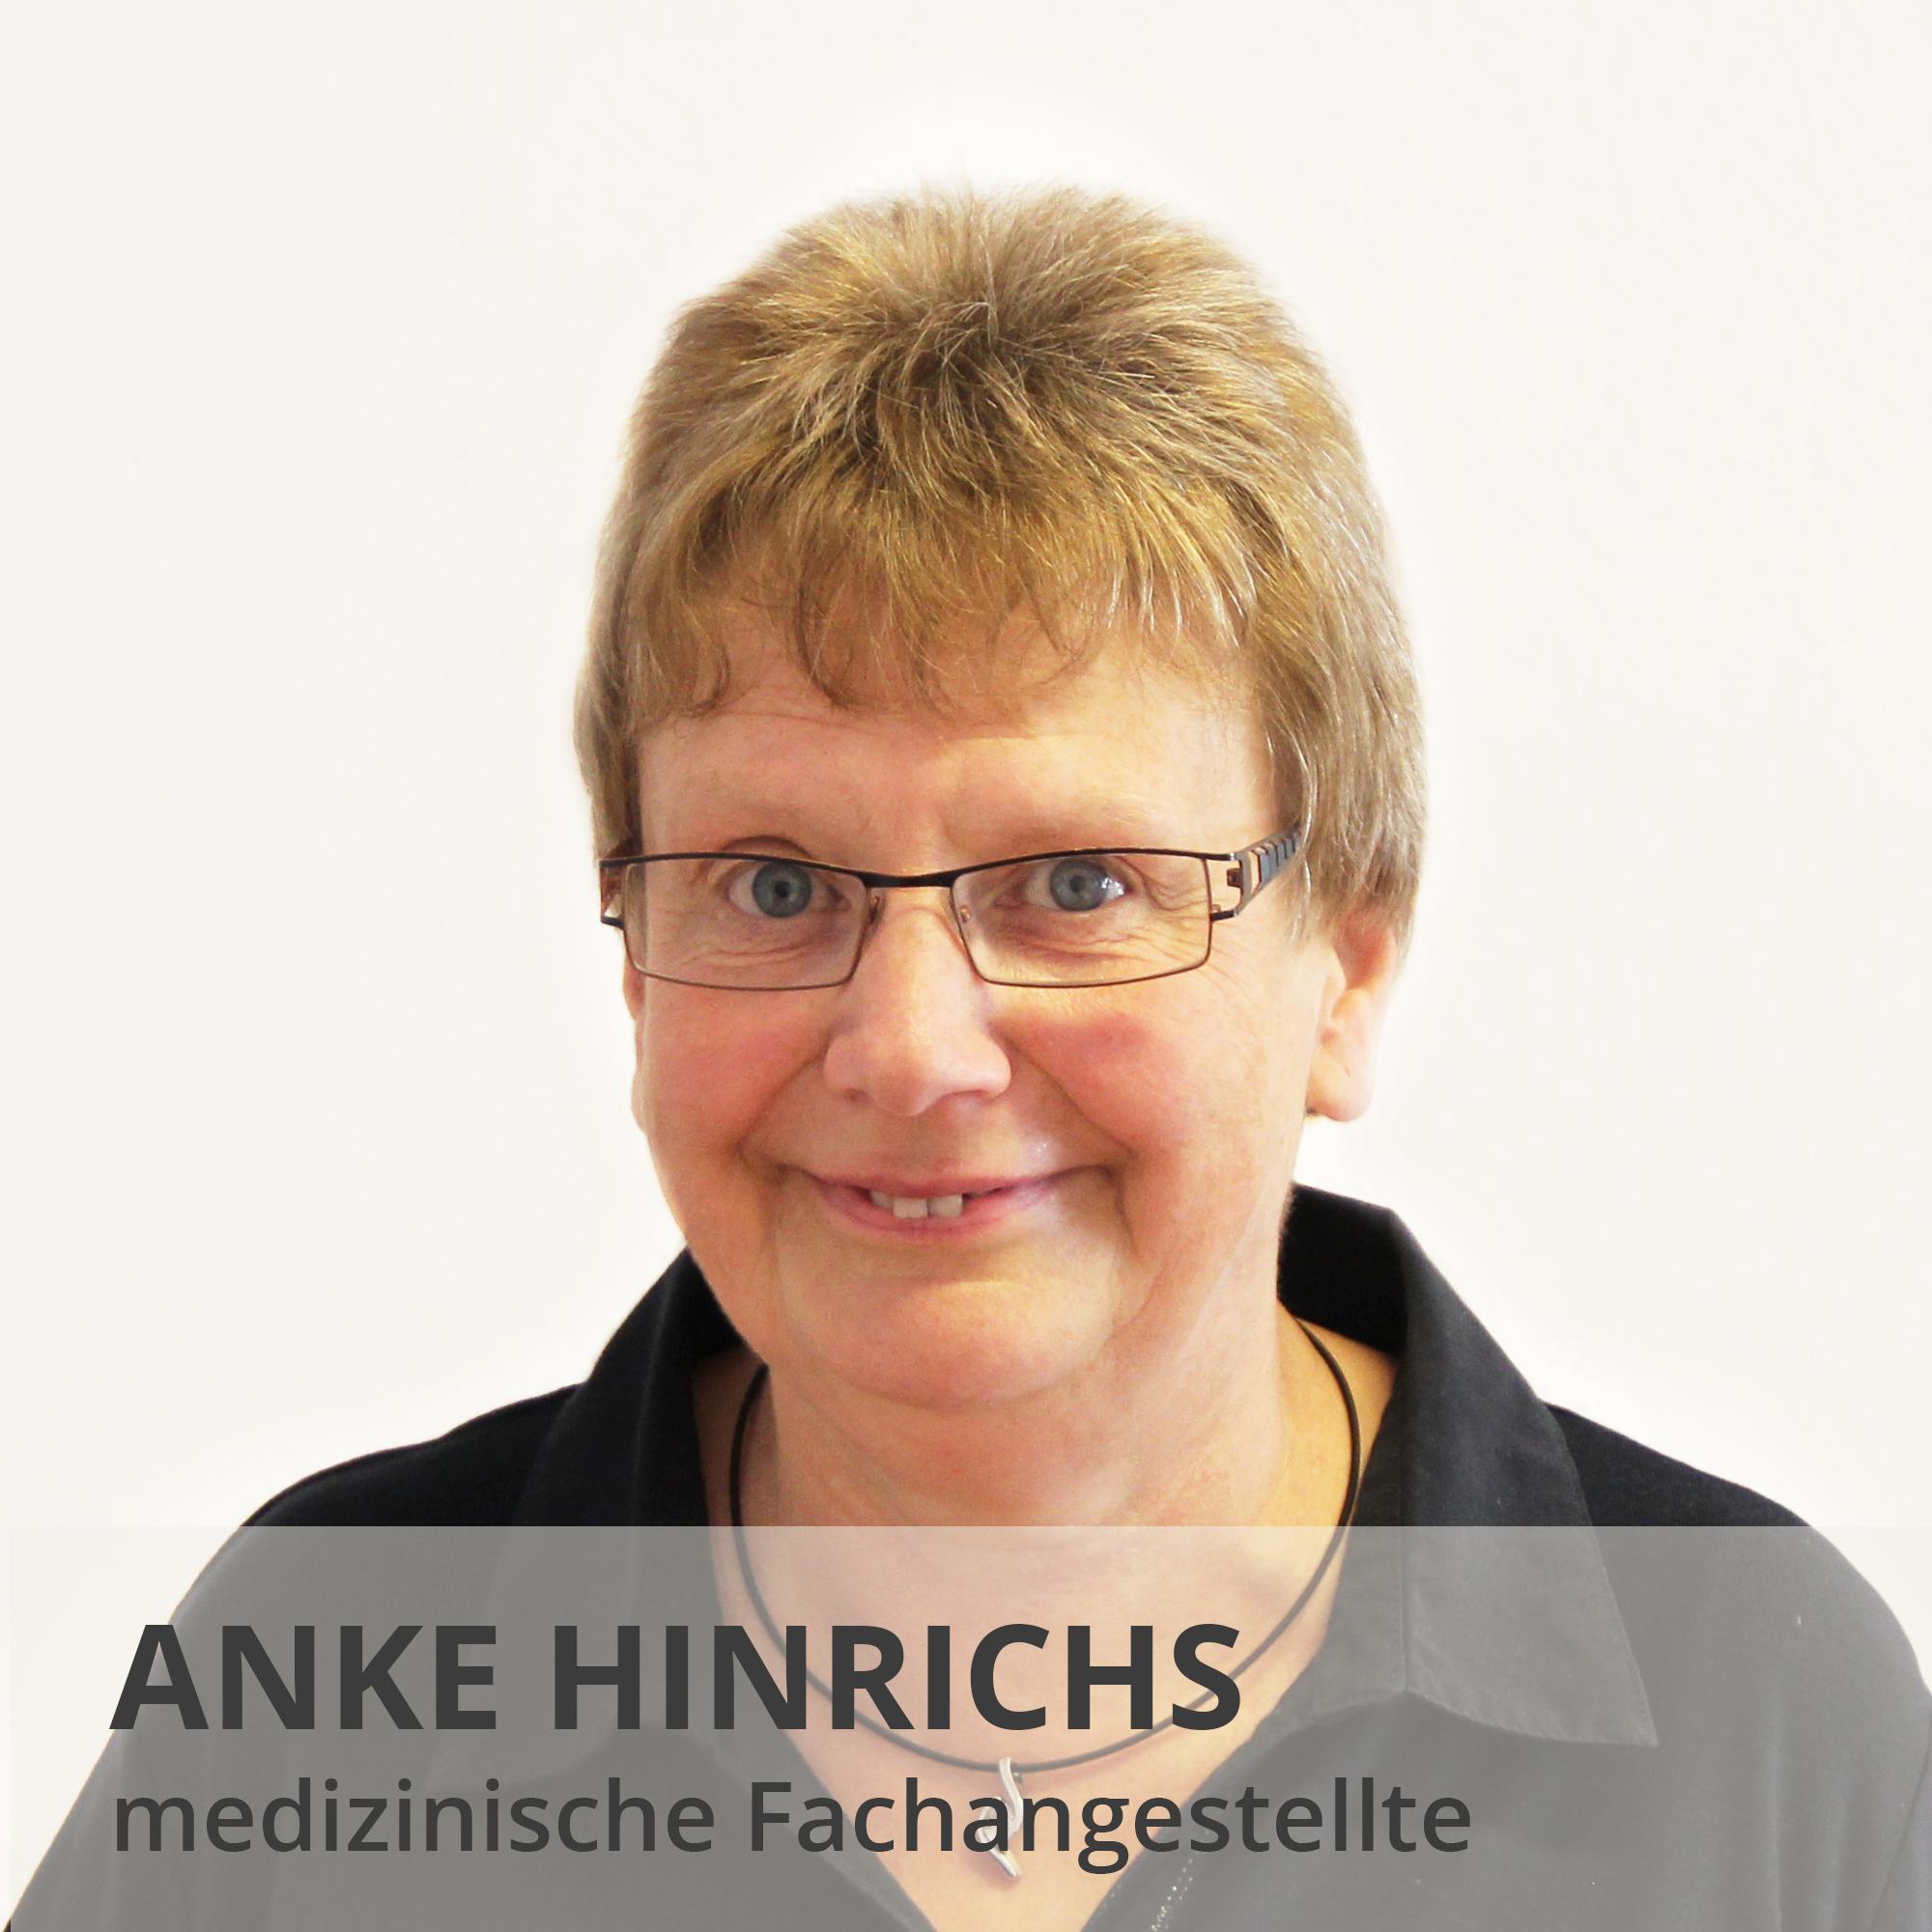 Anke Hinrichs Orthopaedie Friesland